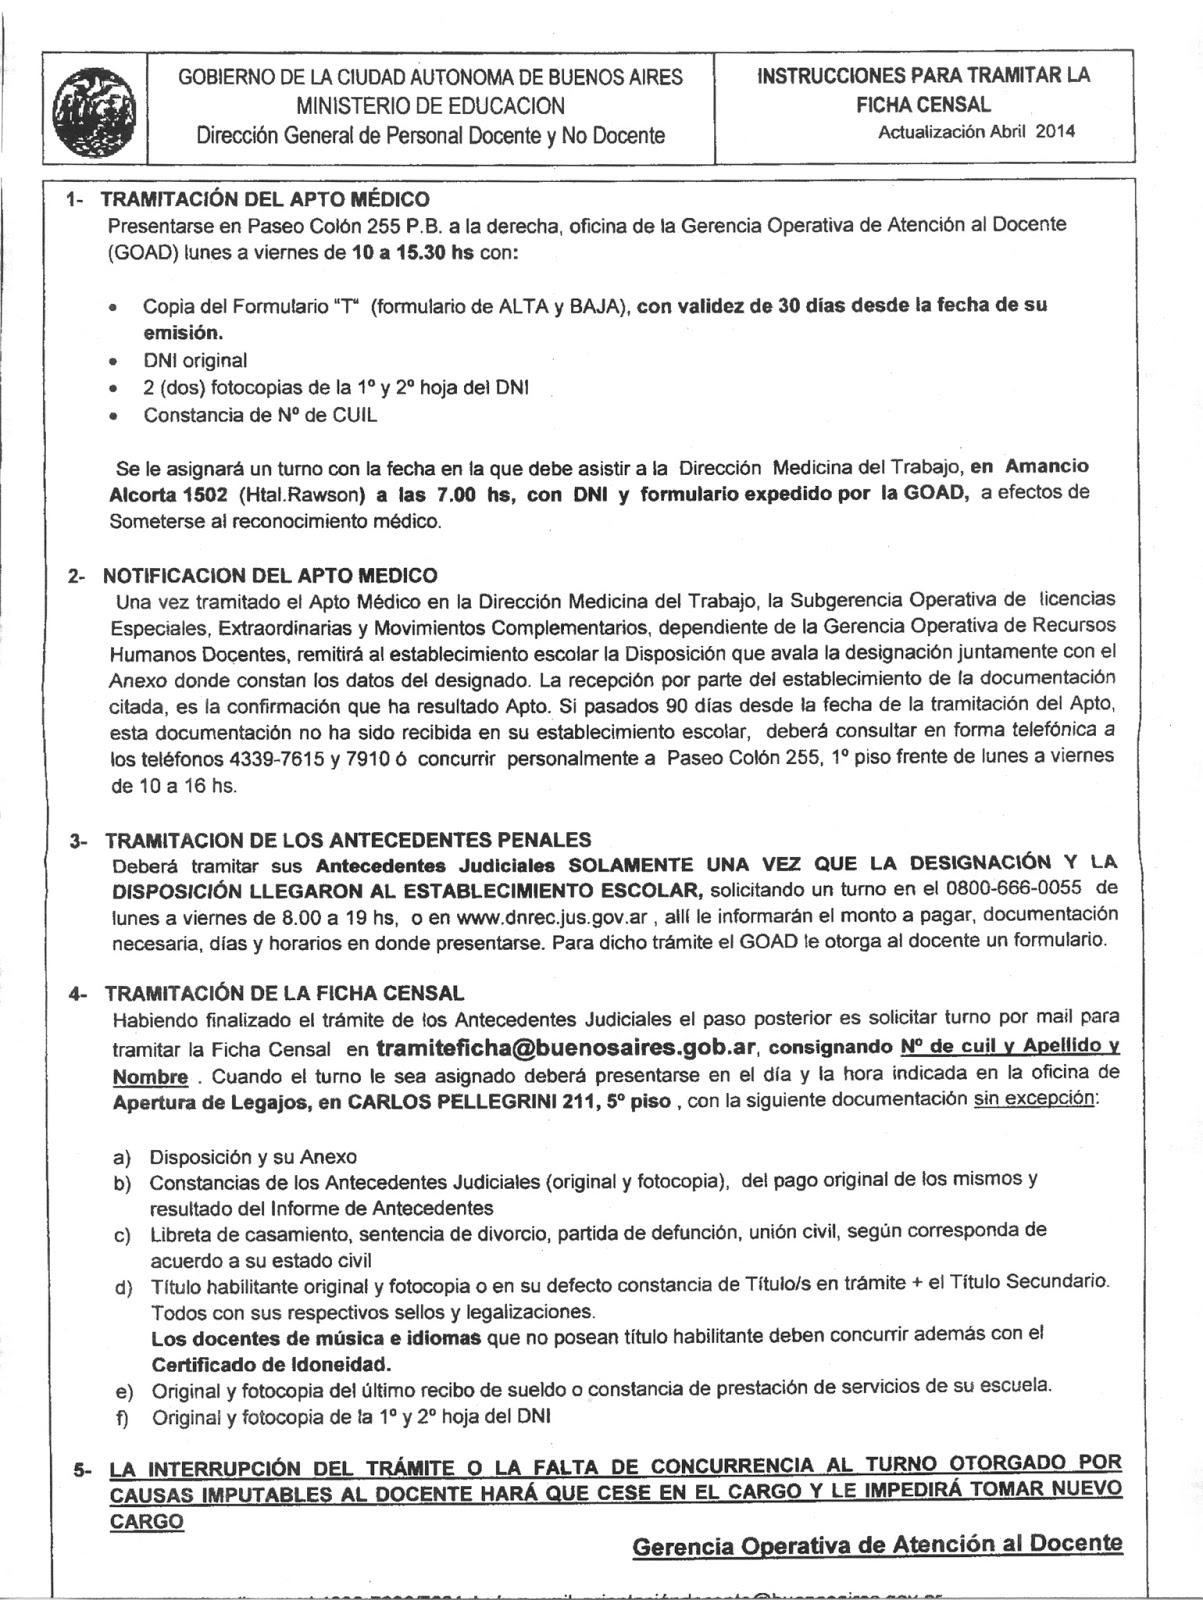 www.buenosaires.gov.ar areas educacion actos publicos